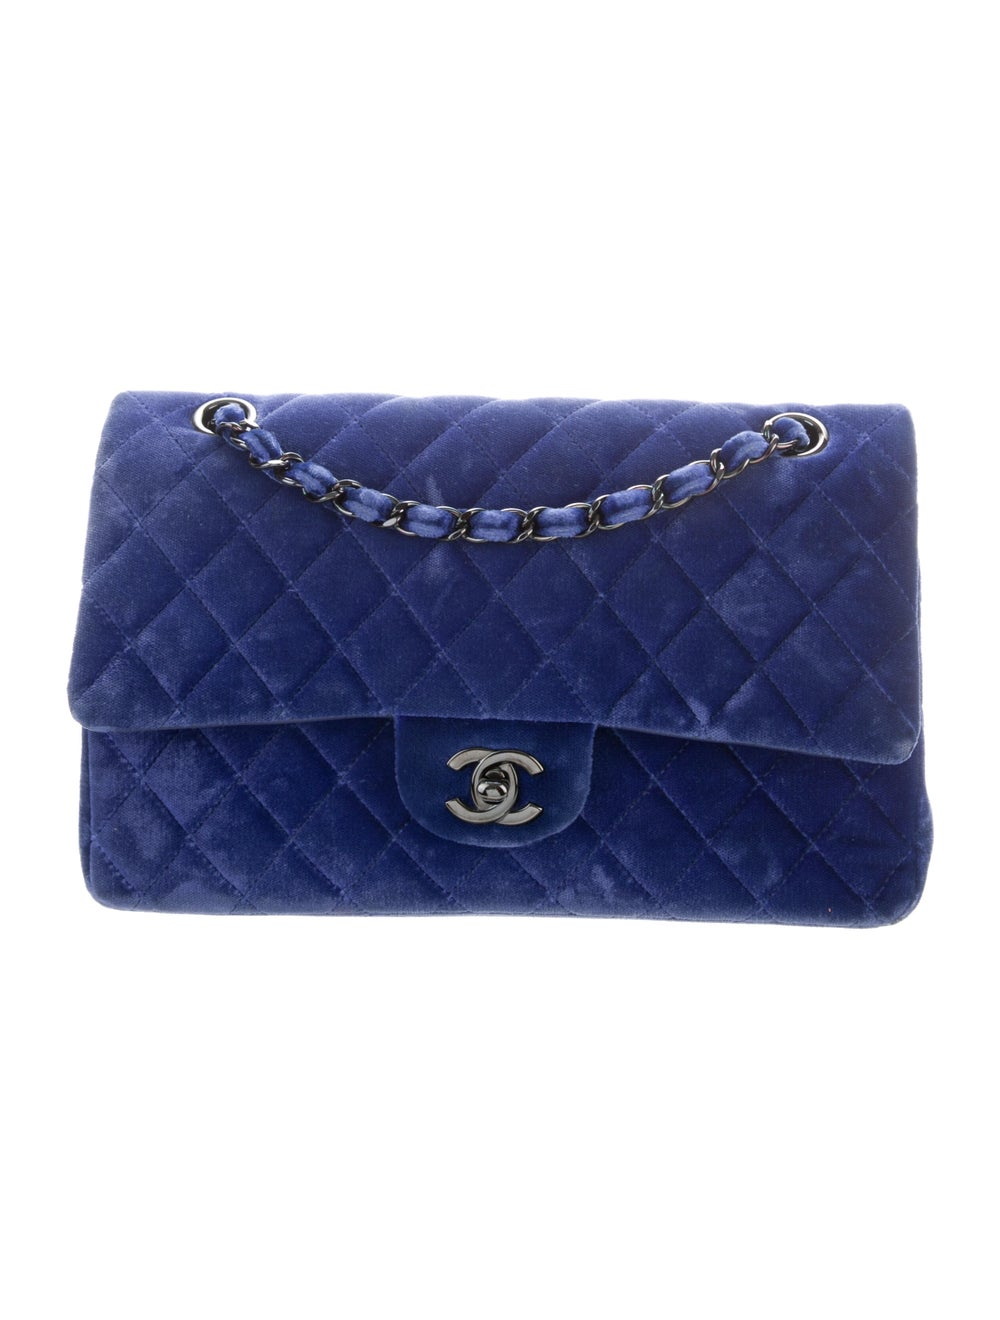 Chanel Velvet Medium Double Flap Bag Blue - image 1